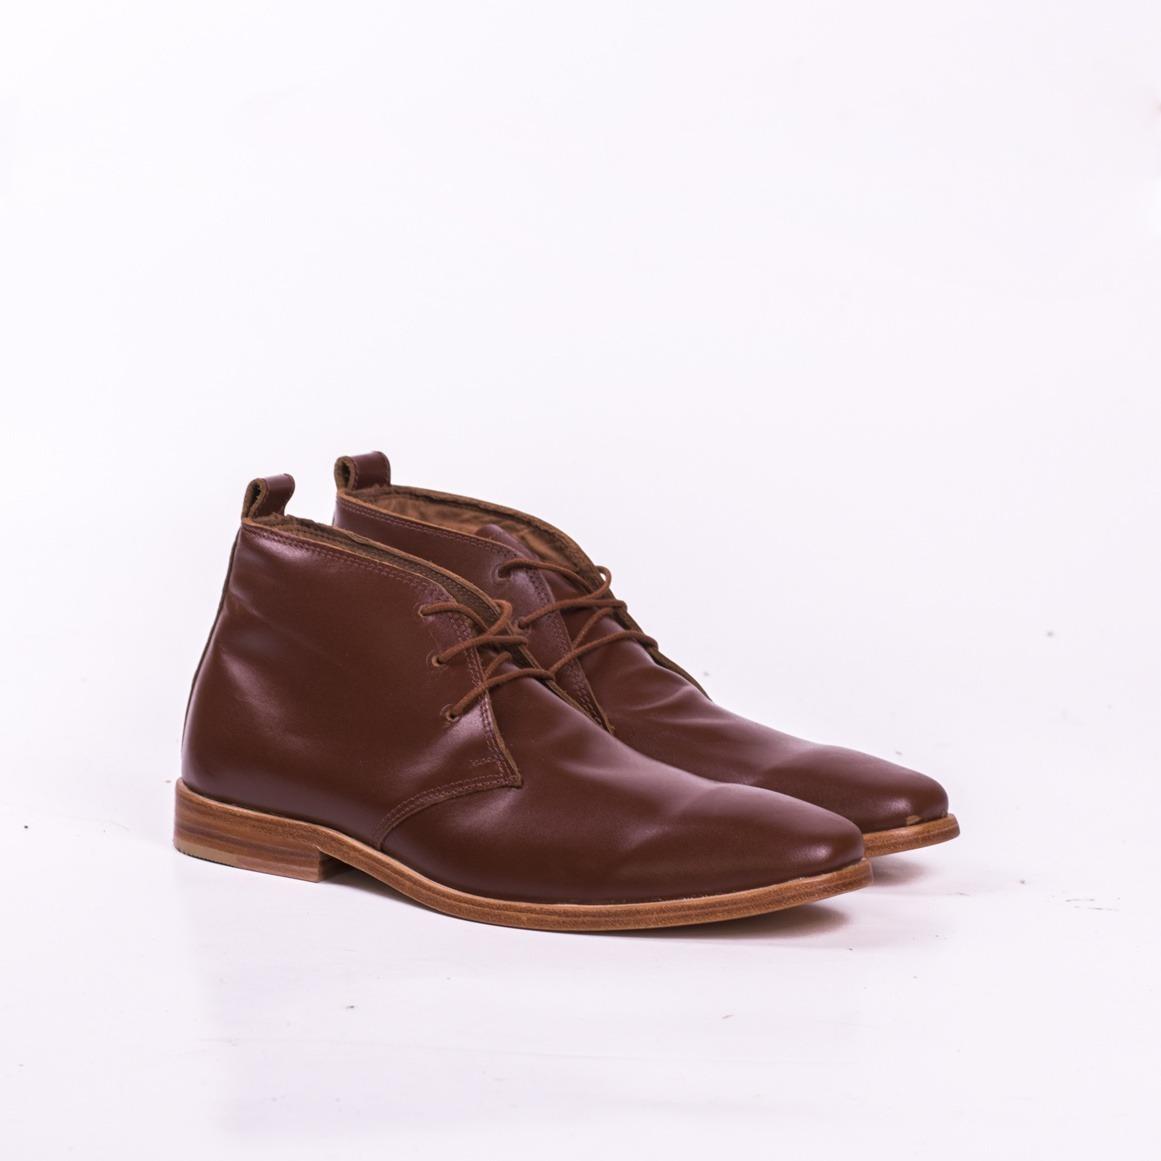 cfdd0365 Zapatos De Vestir Hombre Cuero Bellagio Marron - $ 1.799,00 en ...